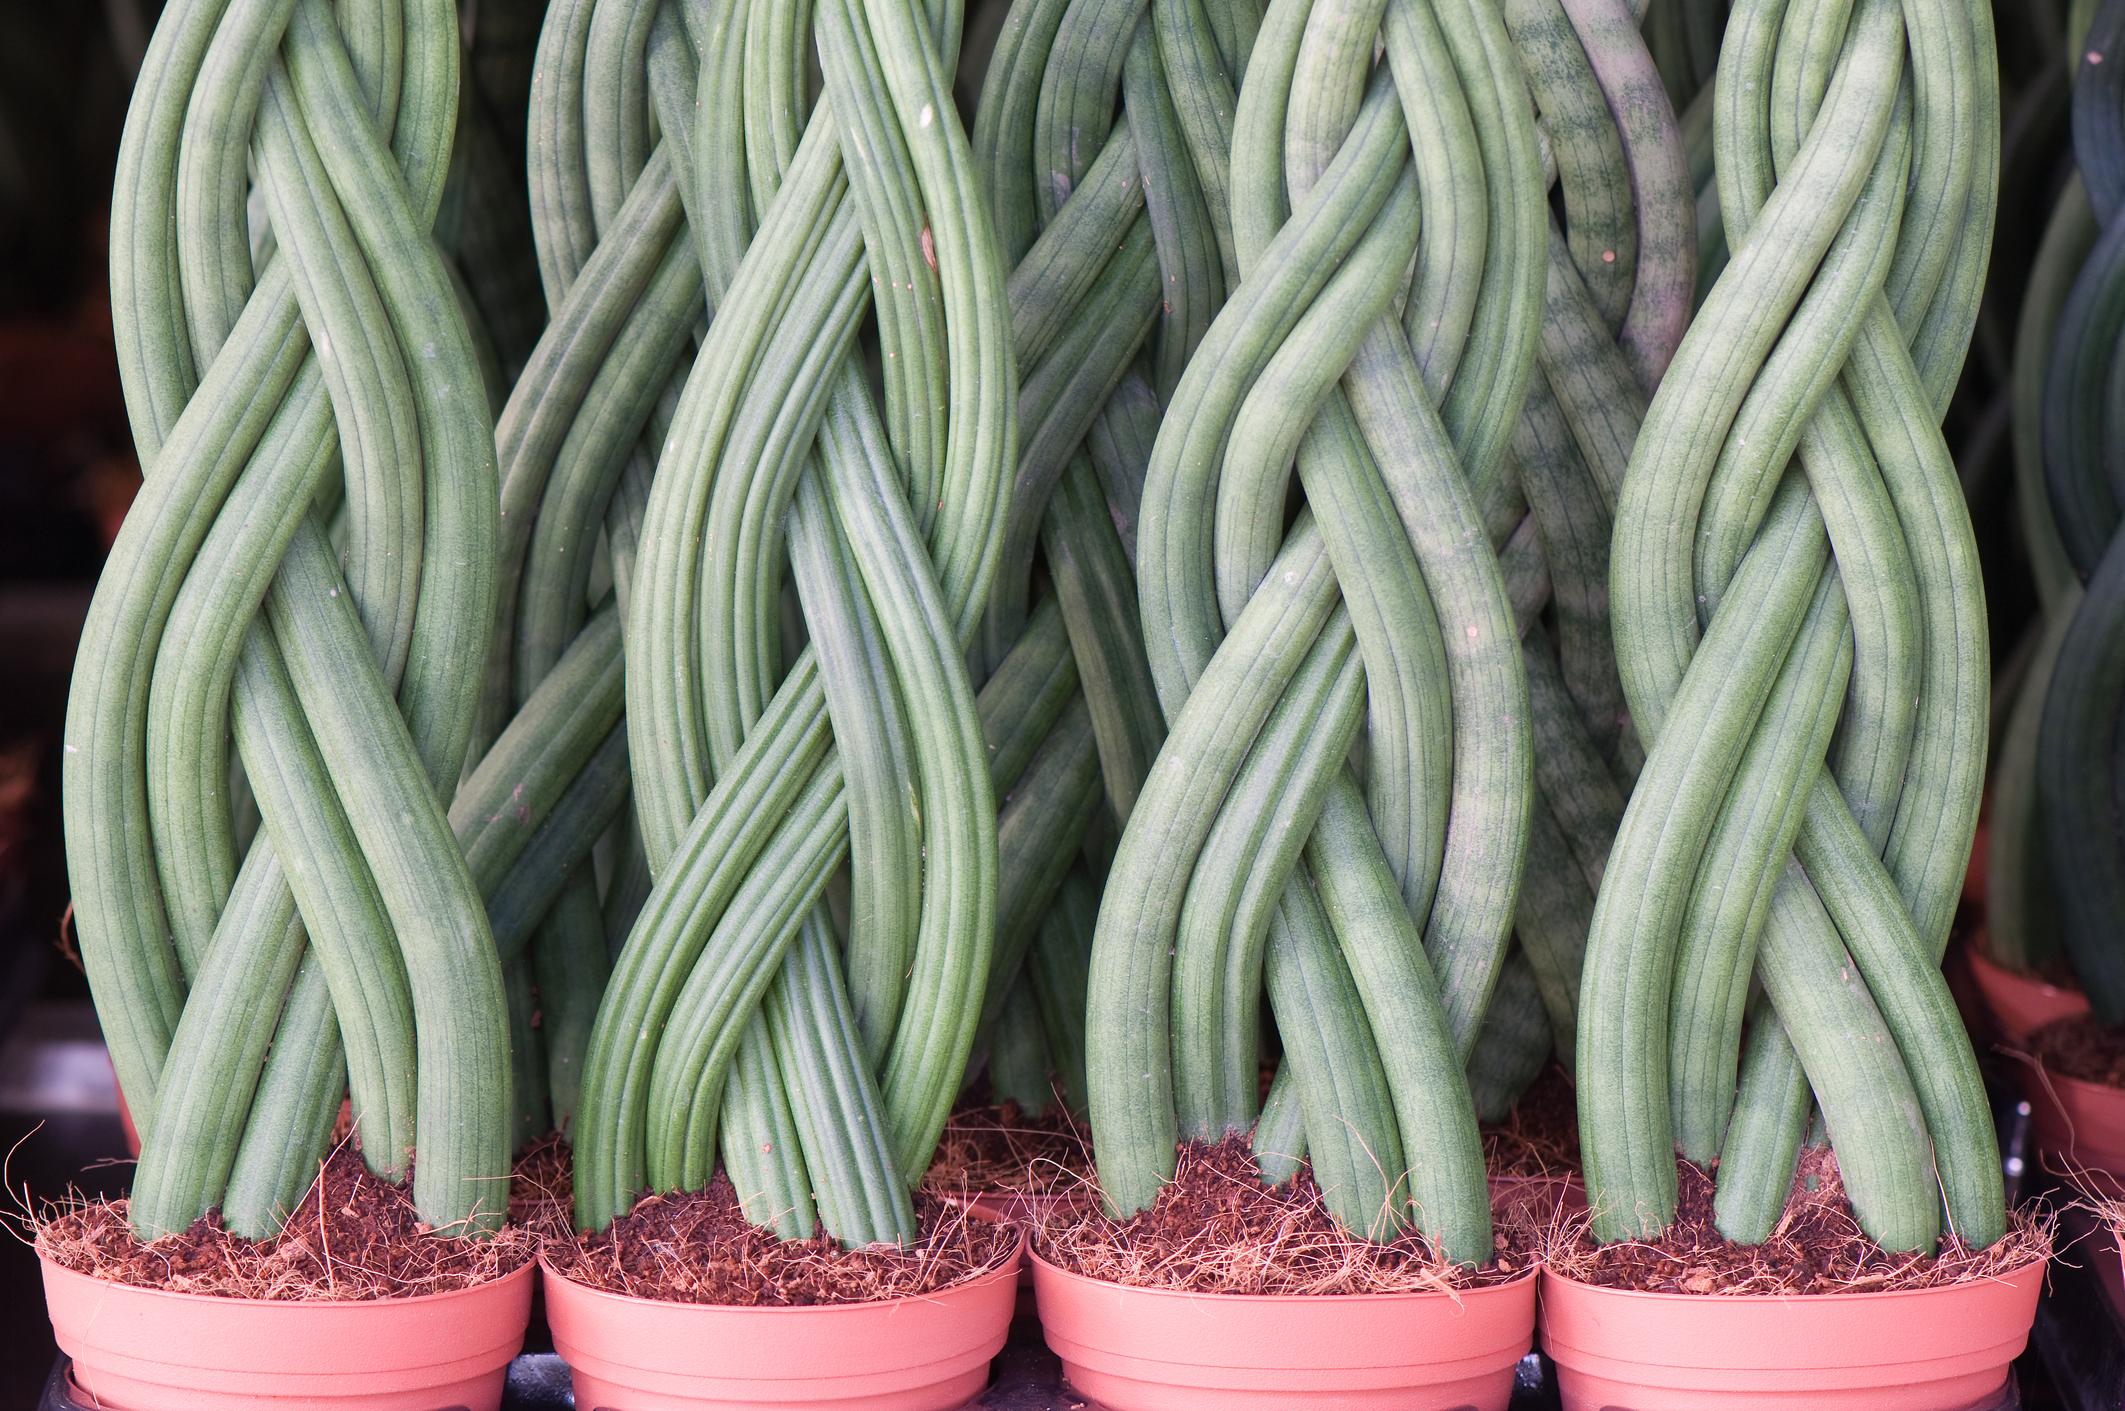 Сансевиера: Освен с изумителния и прекрасен външен вид, растението е подходящо за вашата спалня, тъй като през нощта превръща въглеродния диоксид в кислород.